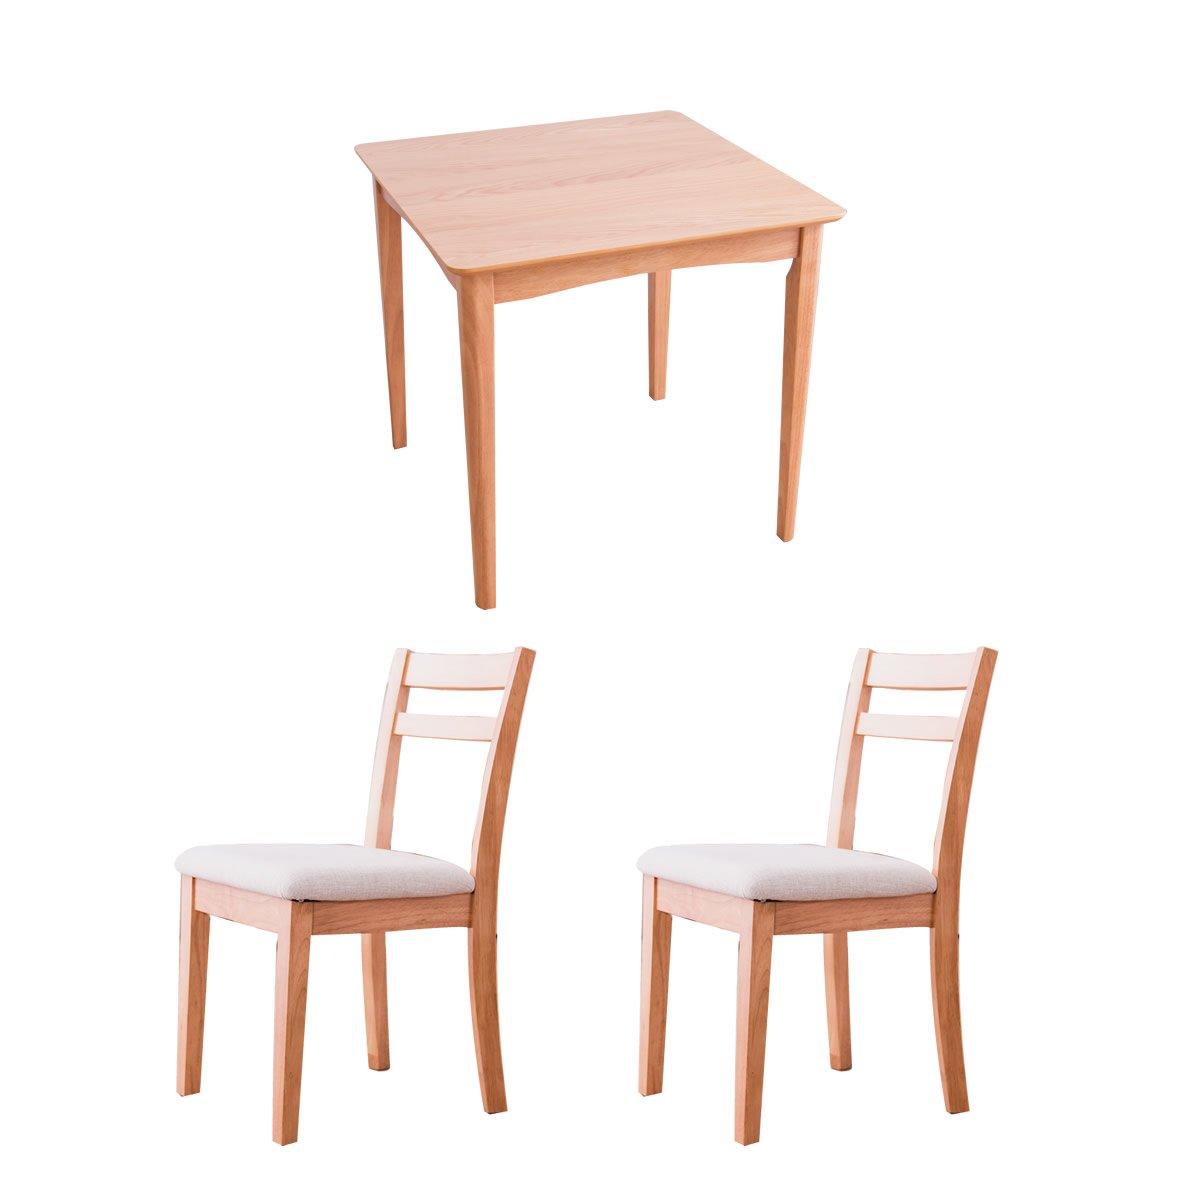 ナチュラル/ホワイト/2人用 ダイニングセット テーブル チェア 天然木 シンプル コンパクト おしゃれ 北欧風 ナチュラル B075L7QDLJ ナチュラル/ホワイト ナチュラル/ホワイト